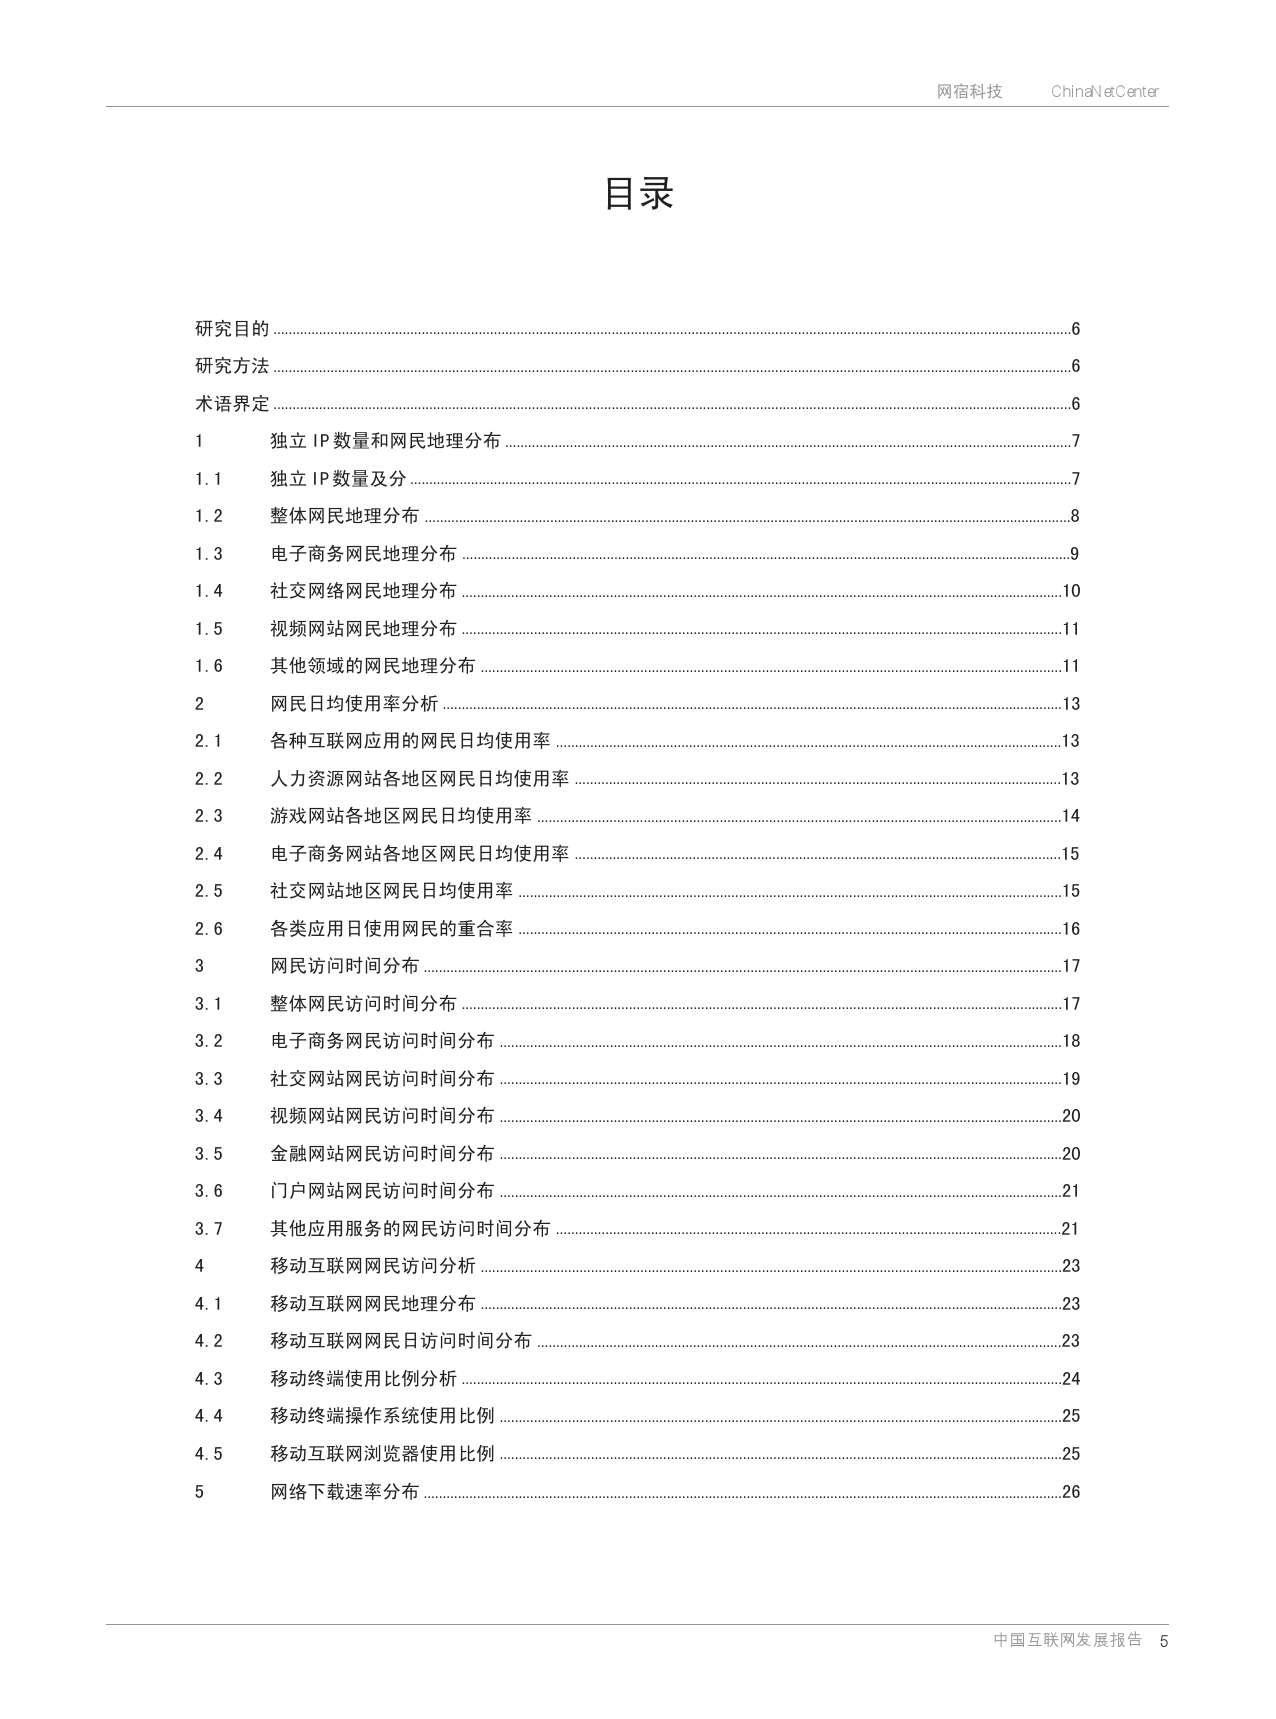 网宿:2015年Q3互联网报告_000004